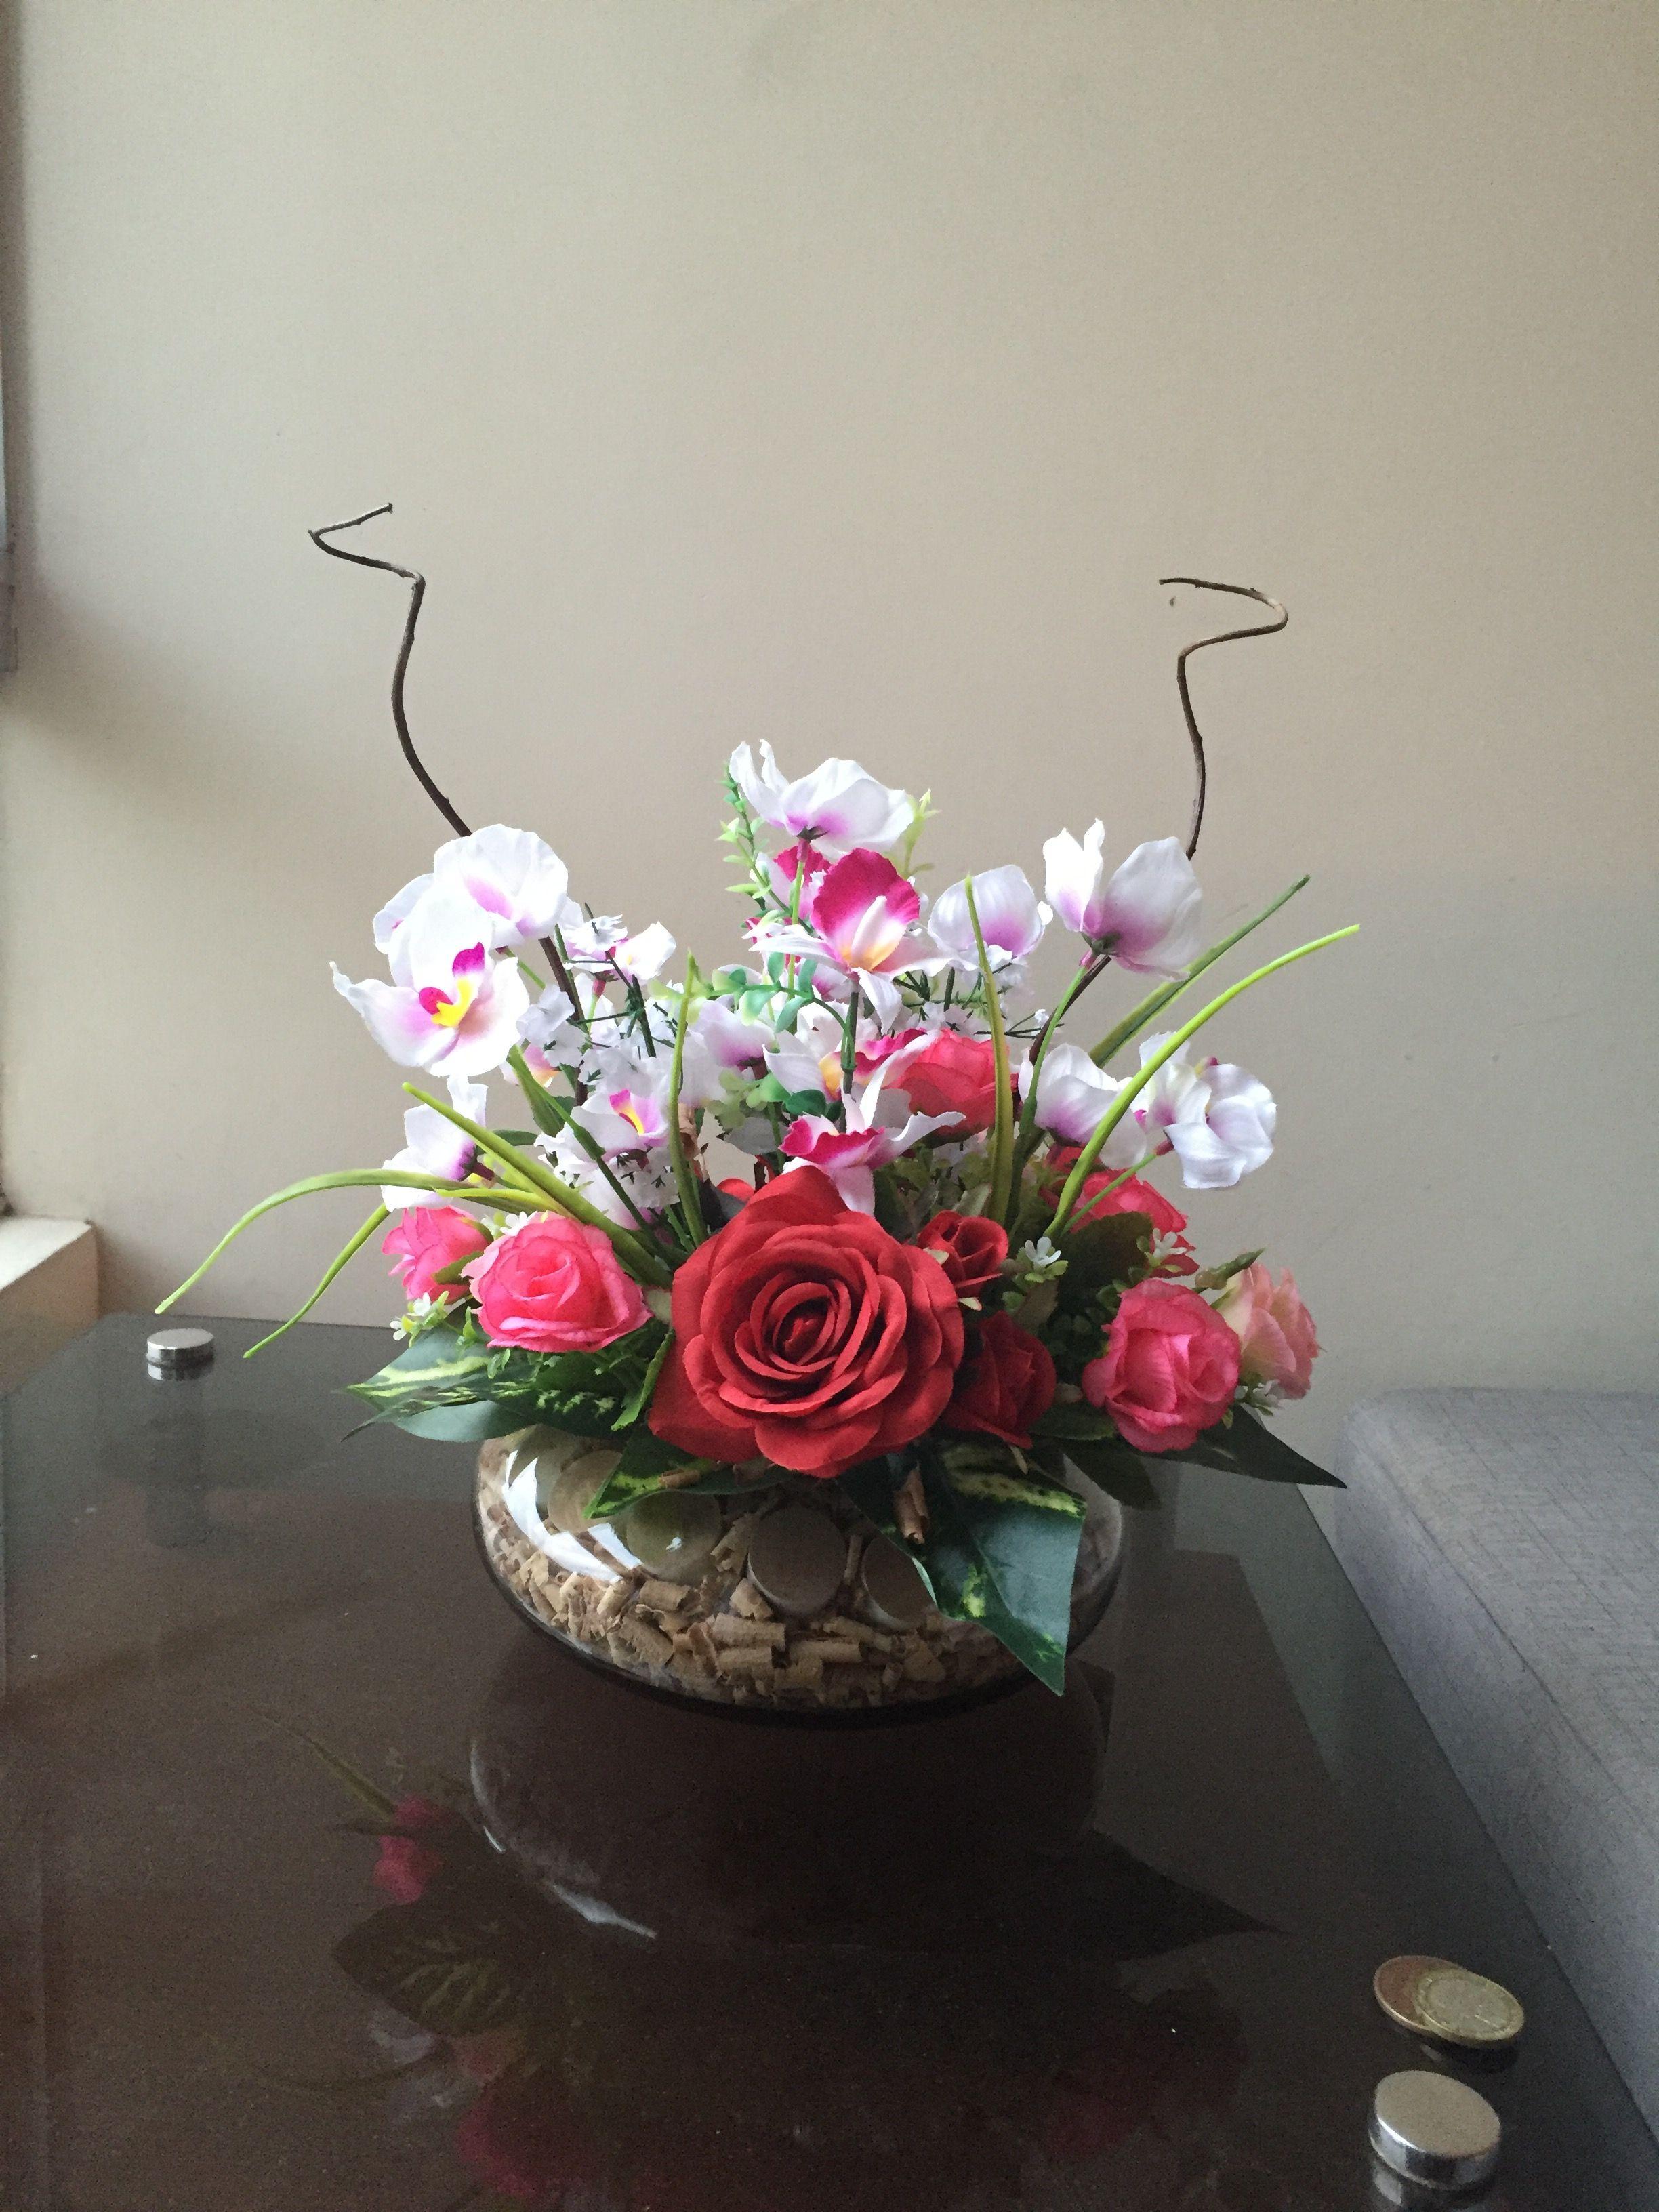 ef07d1566f69d Arreglo con flores artificiales con toques ecológicos para un centro de mesa .